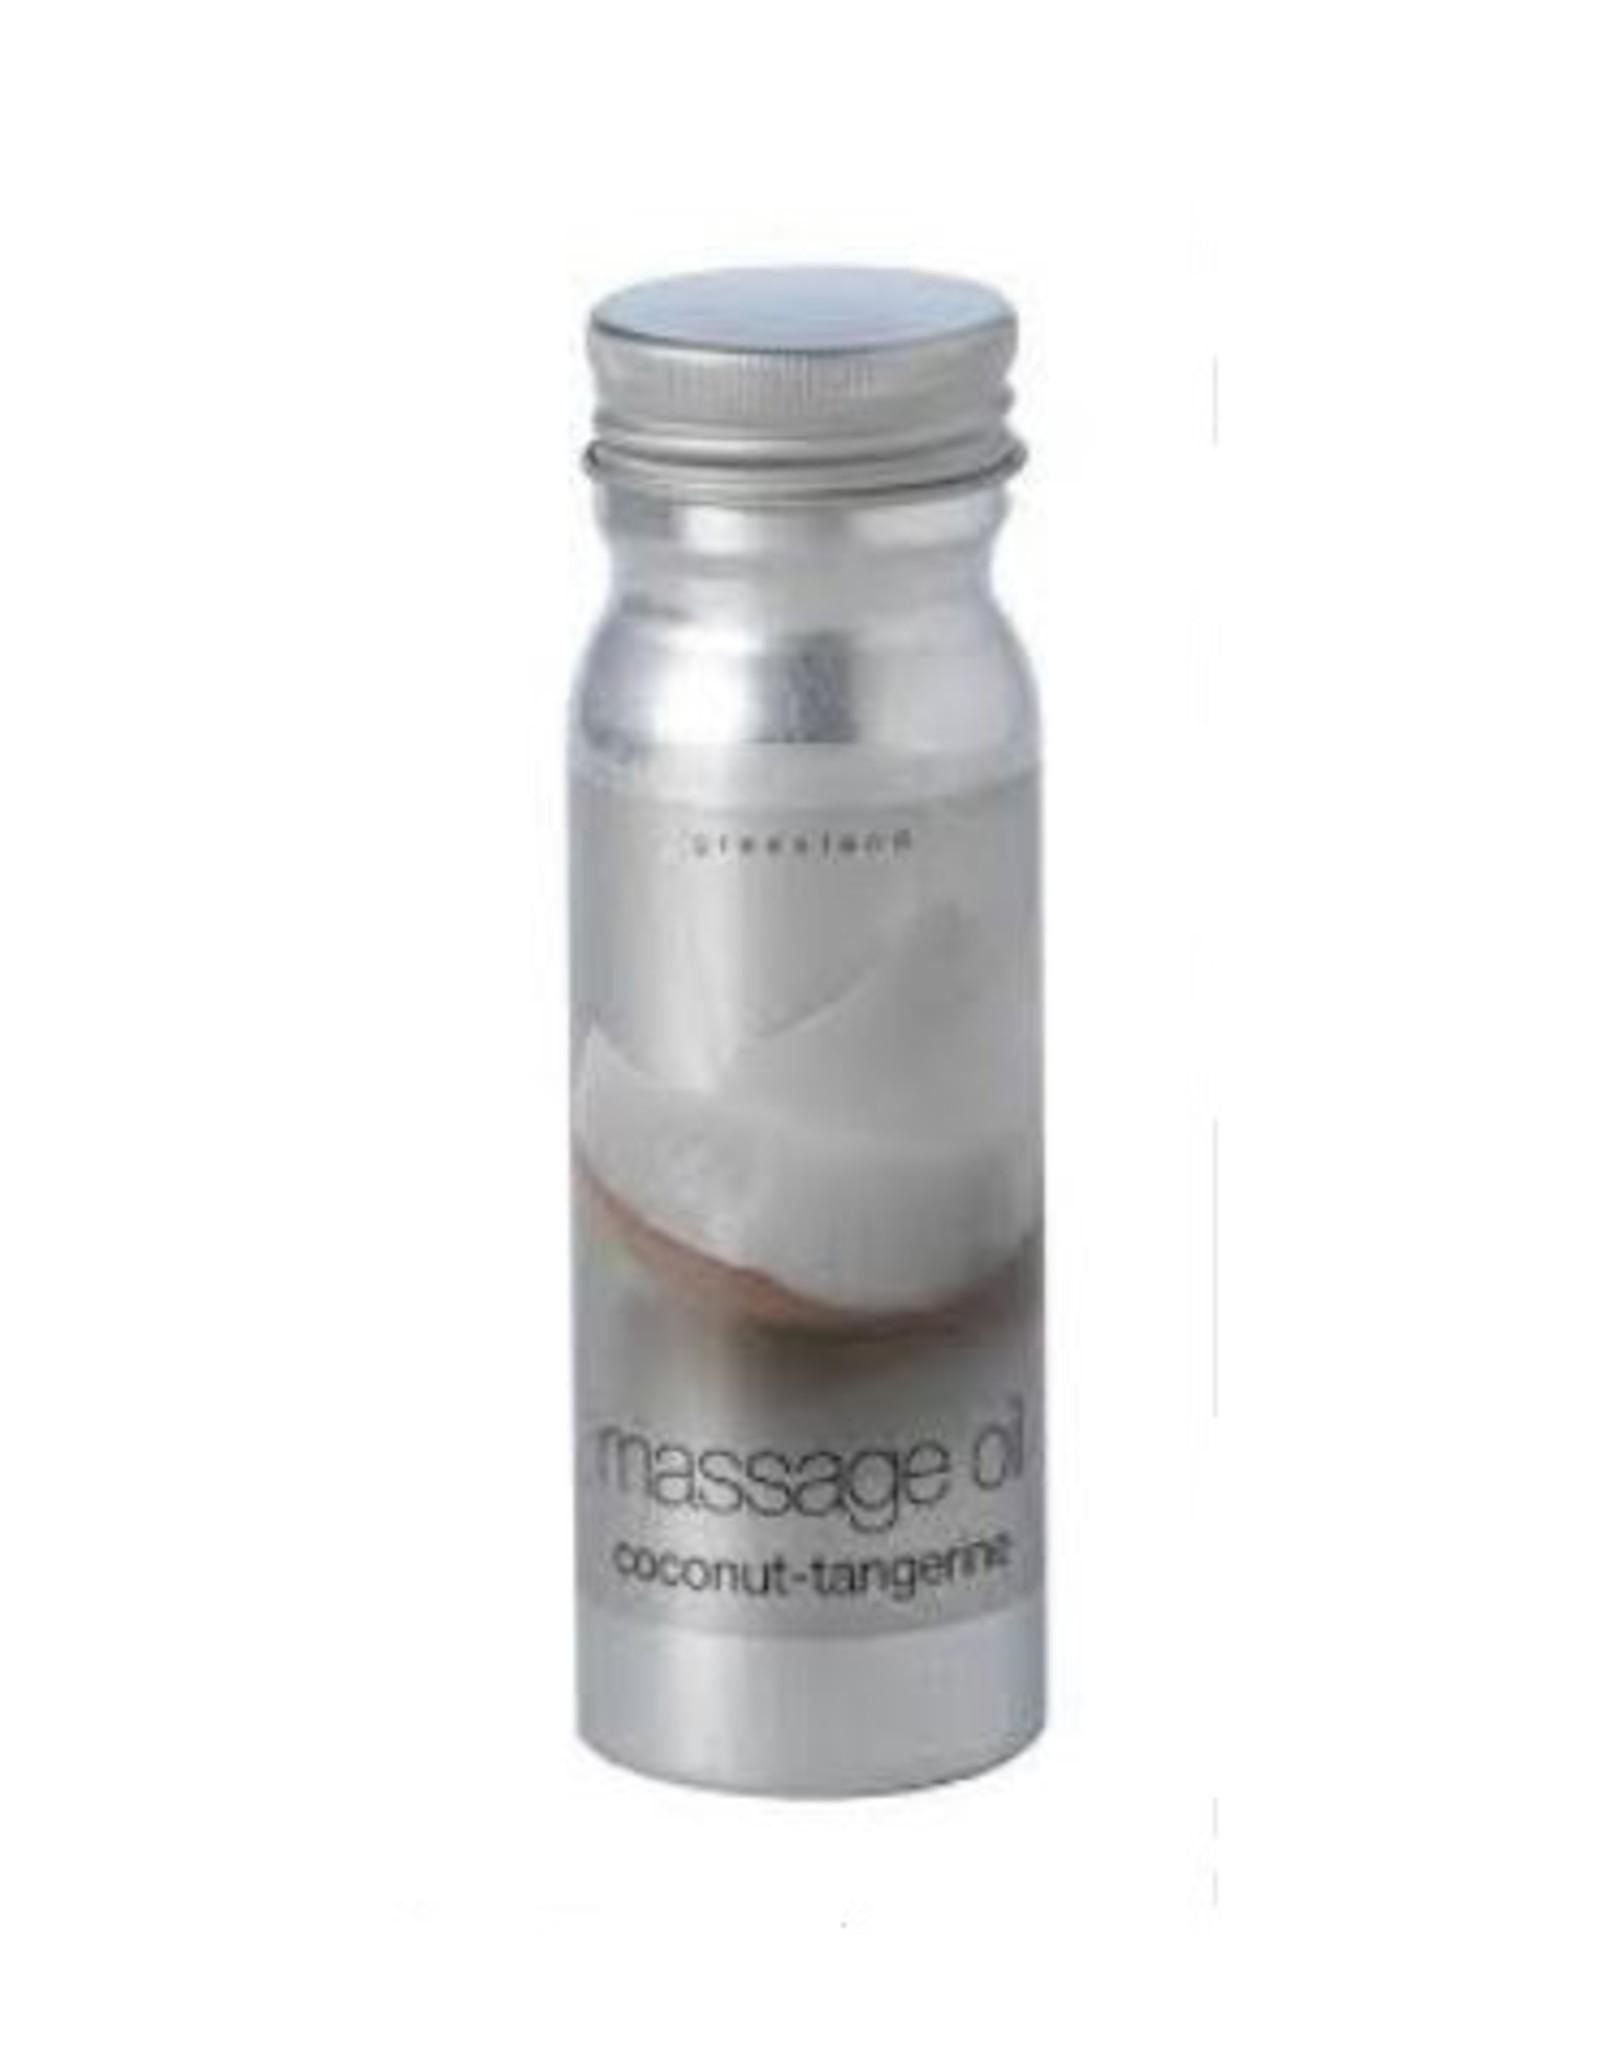 GreenLand Massage Oil Coconut Tangerine 120ml - Body & Soap